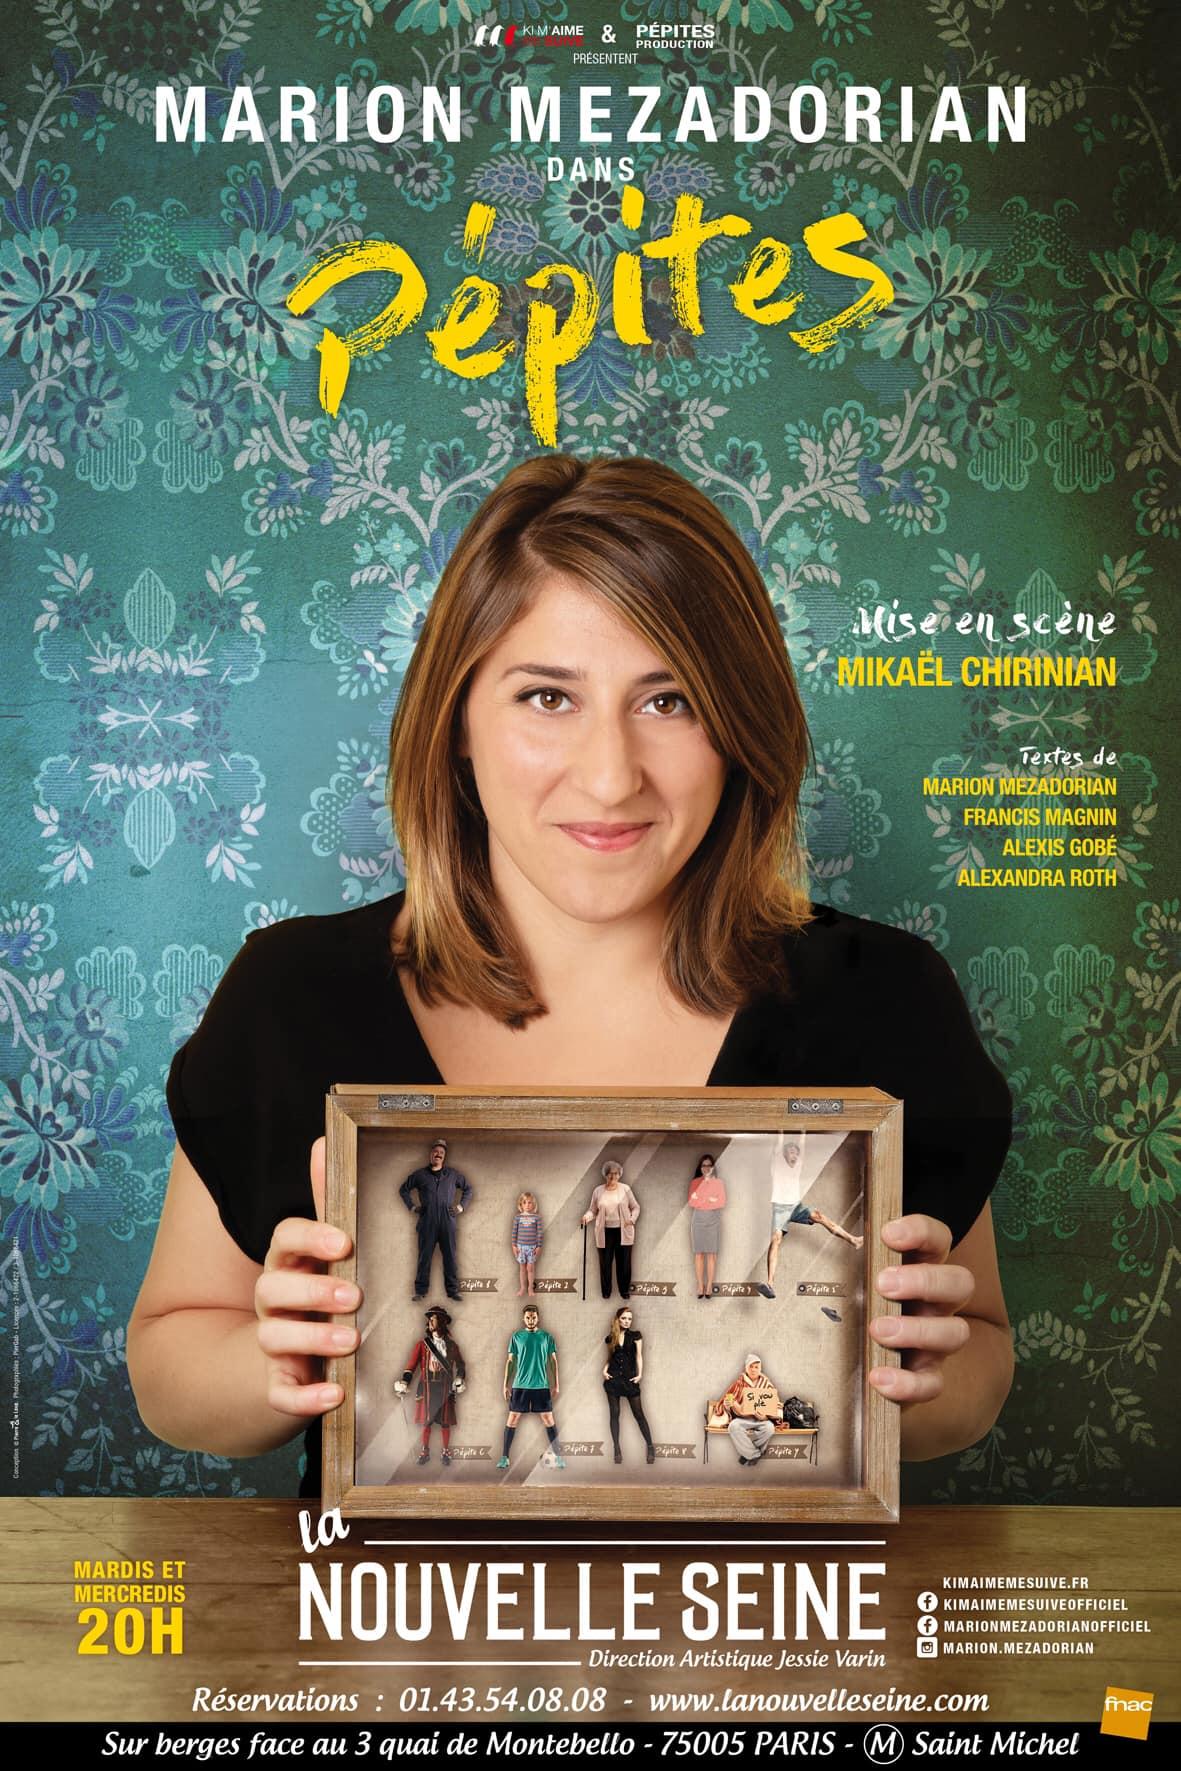 Pépites : la nouvelle affiche du spectacle de Marion Mezadorian à la Nouvelle Seine